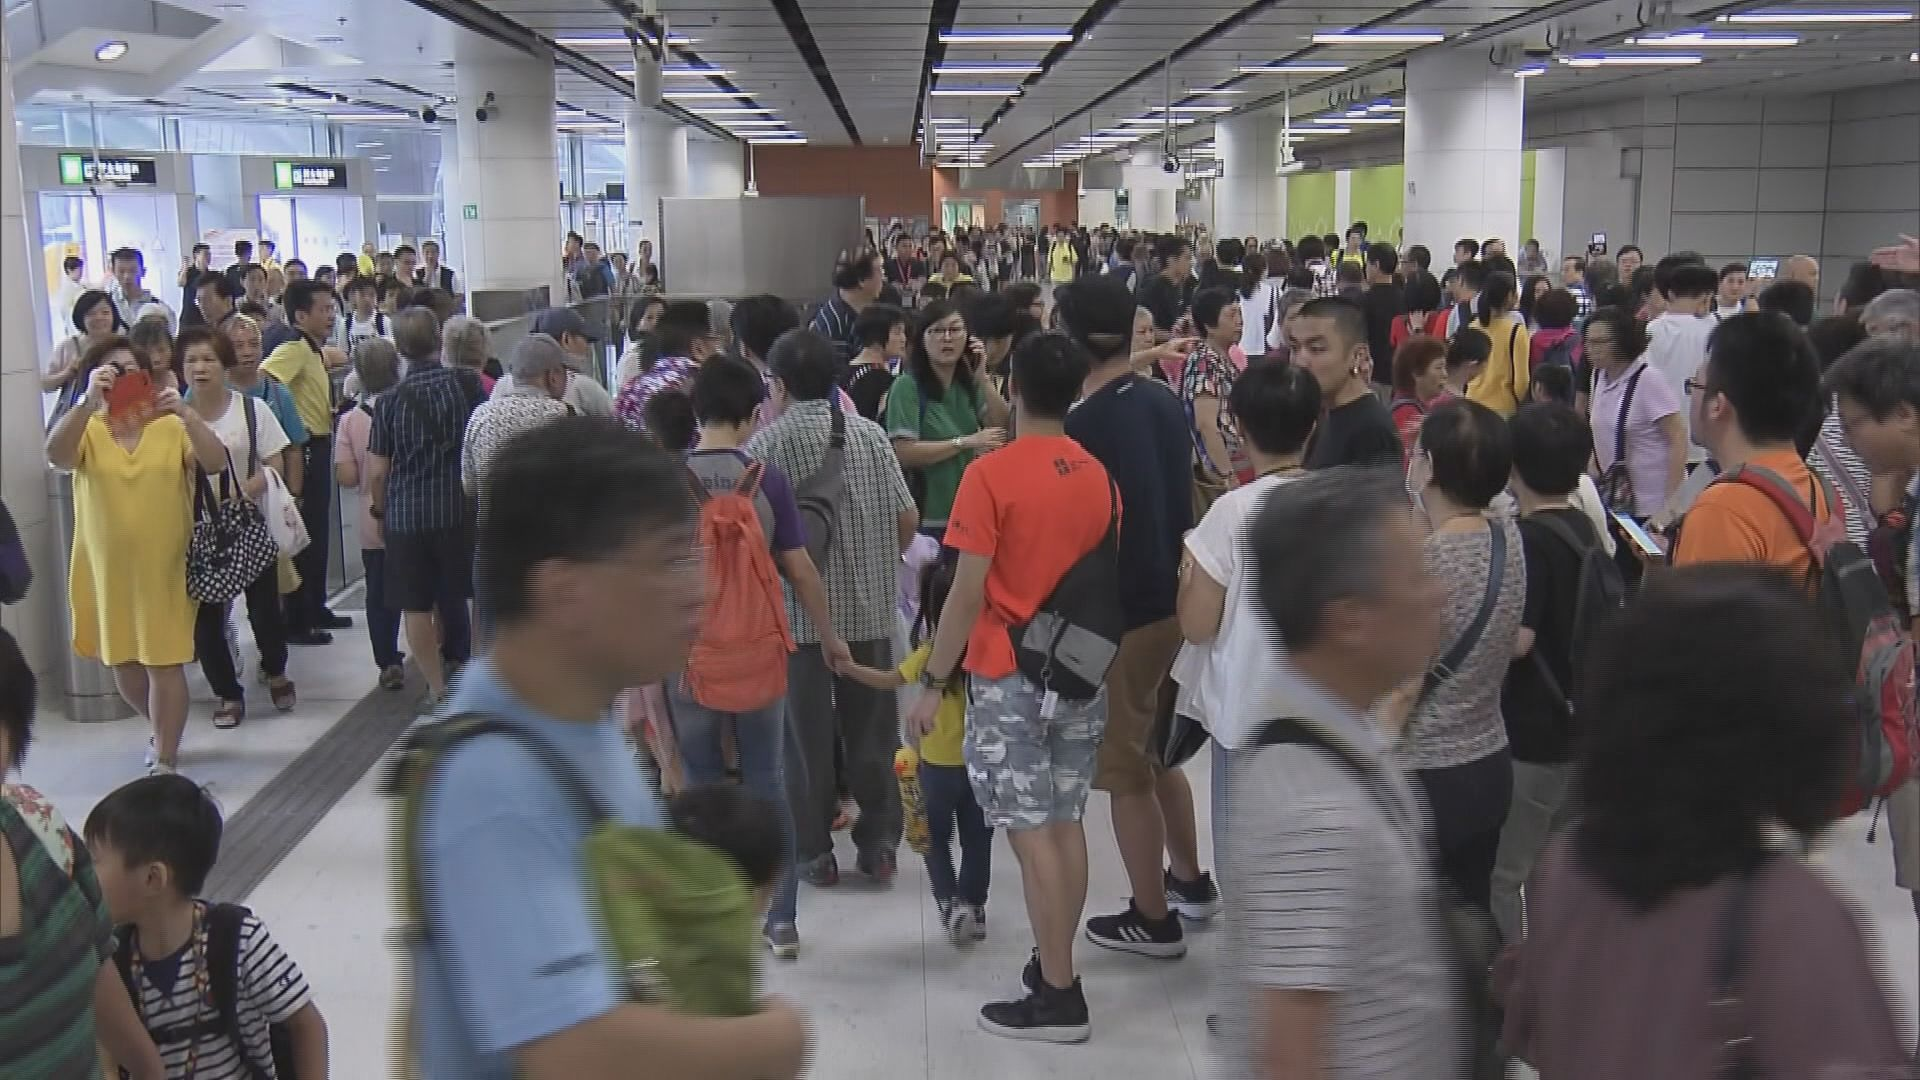 高鐵西九站舉行開放日